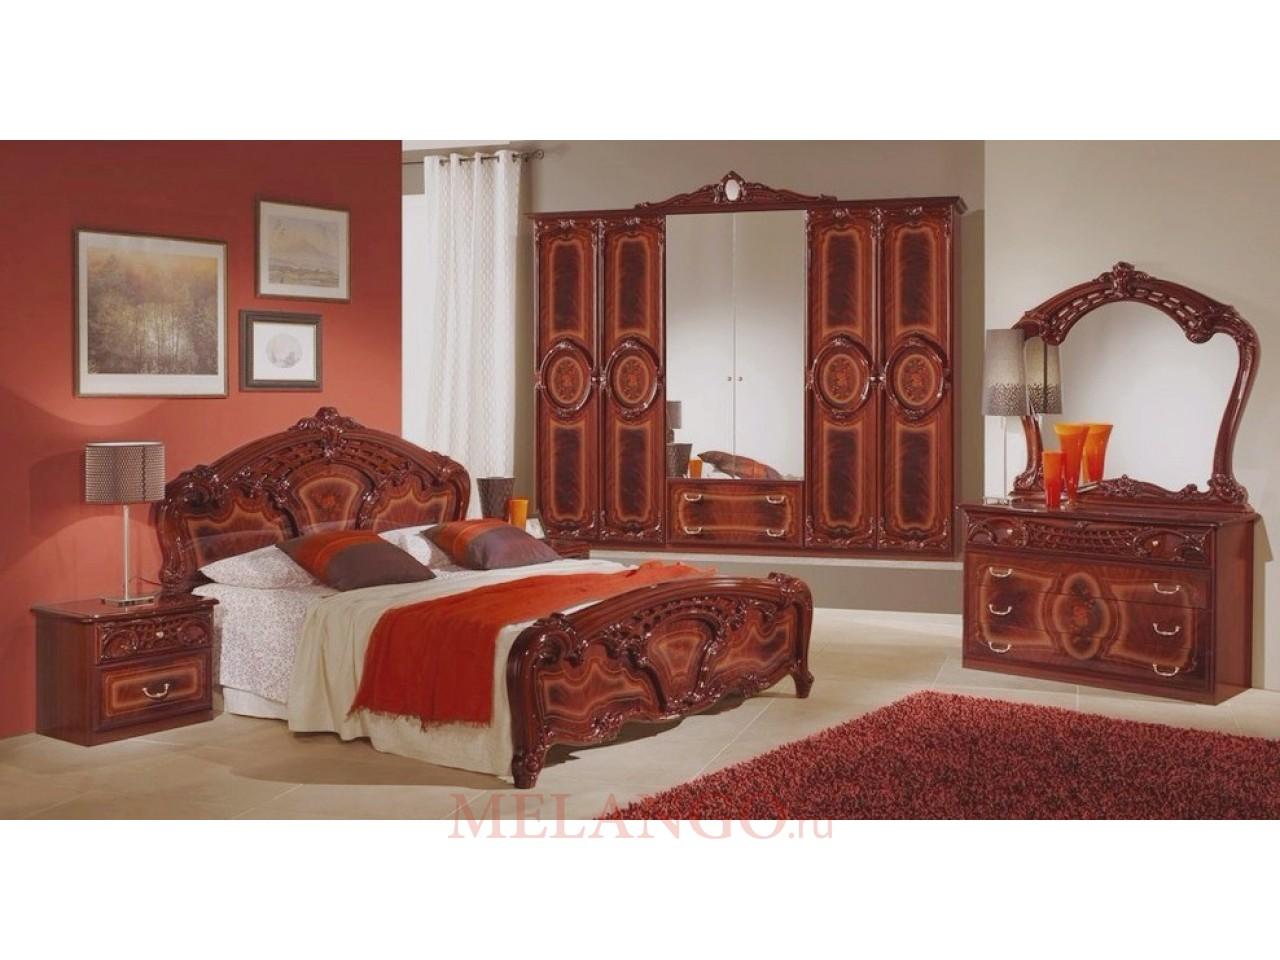 """Купить спальню """"роза"""" могано с 6-ти дверным шкафом от мебель."""